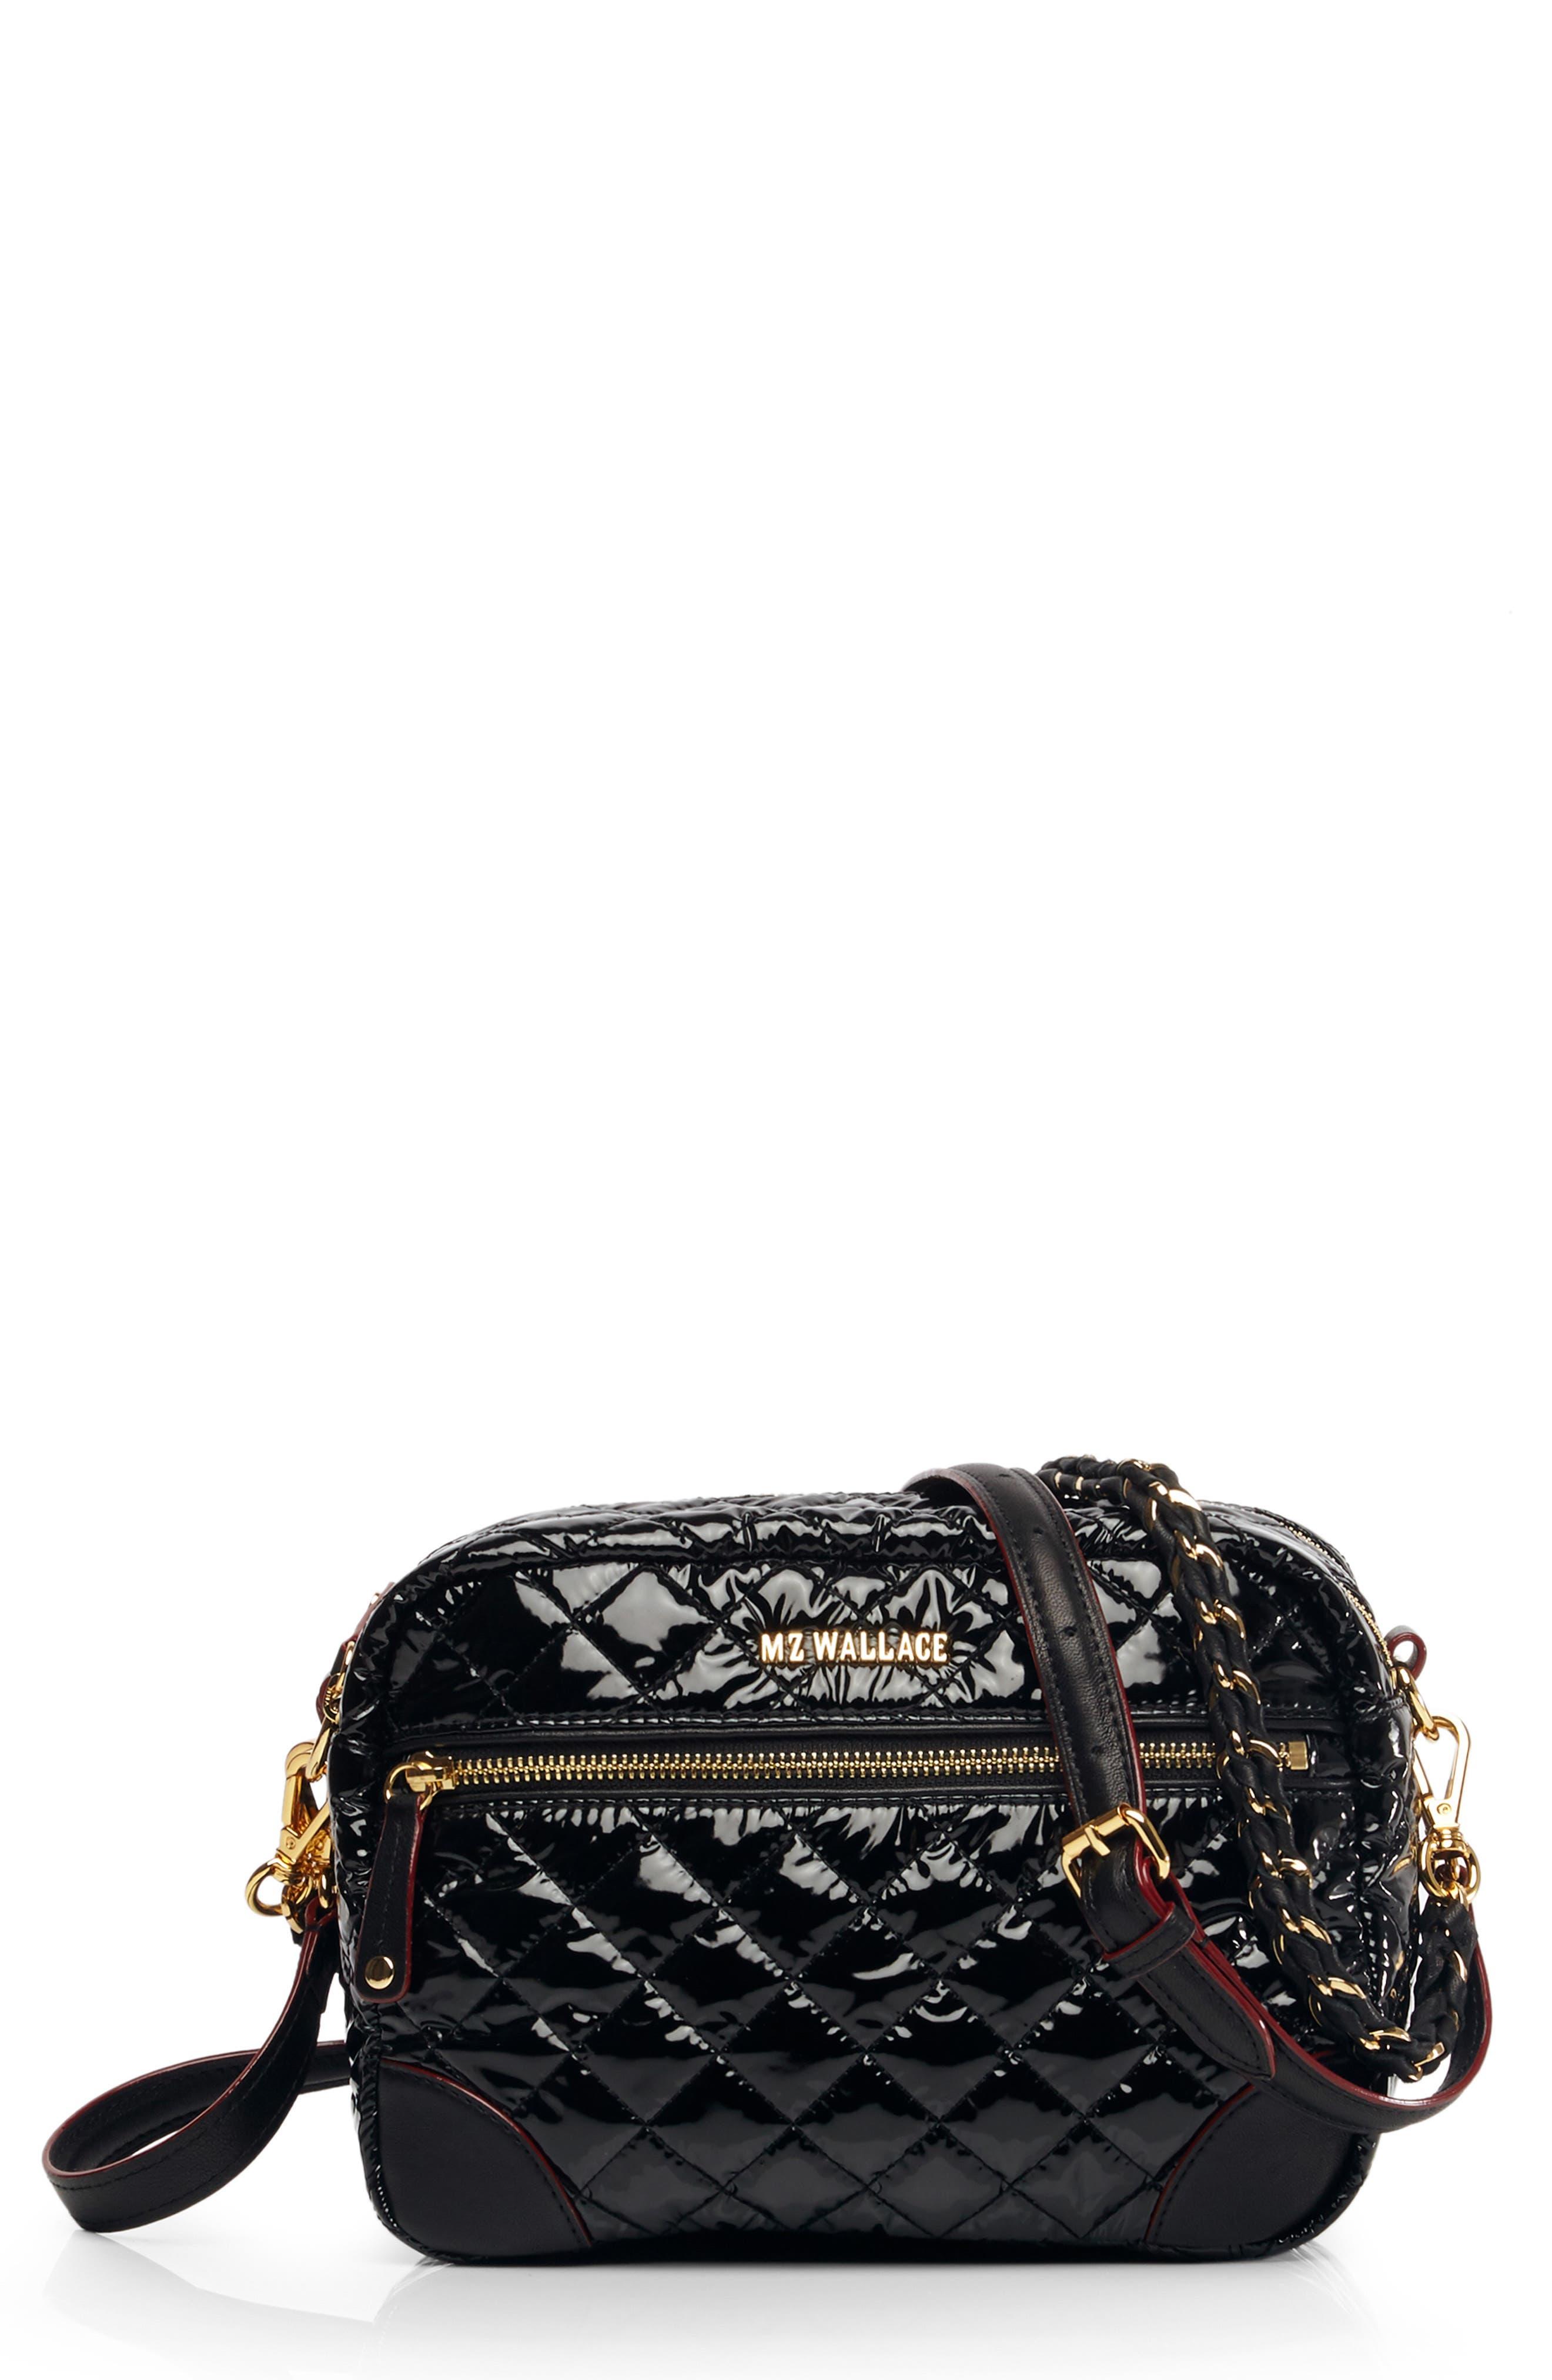 Small Crosby Bag,                             Main thumbnail 1, color,                             BLACK LACQUER